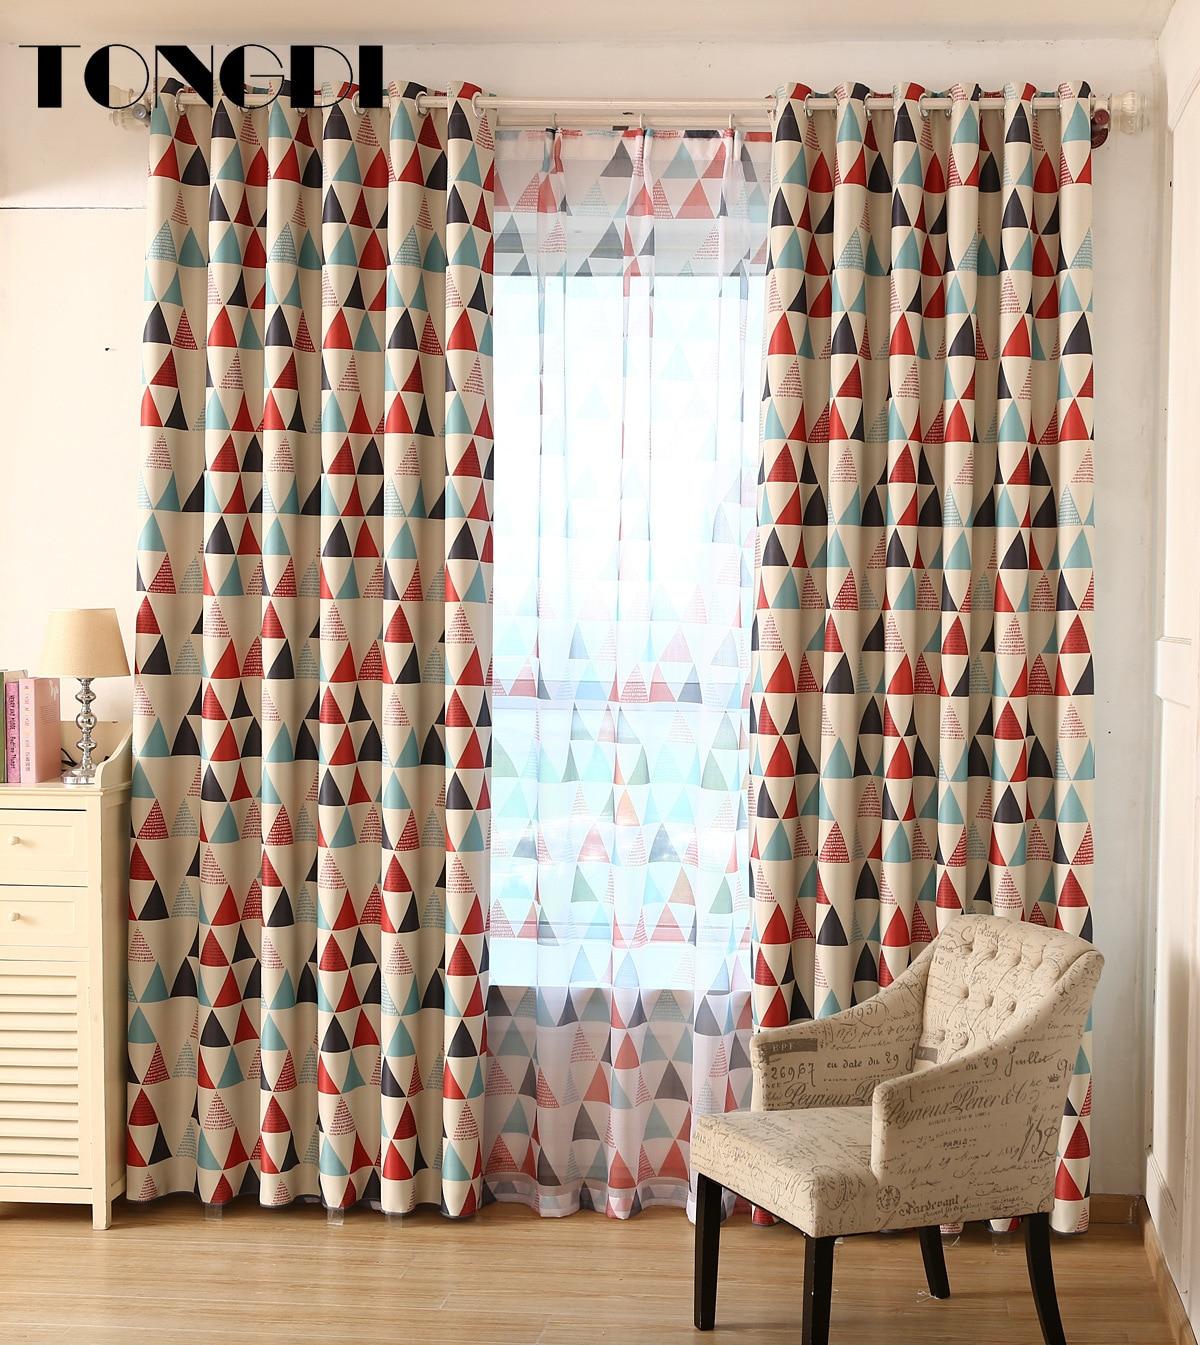 Tongdi crianças cortinas blackout impressão triangular dos desenhos animados para casa quarto sala de estar janela painel cego reduzindo ruído